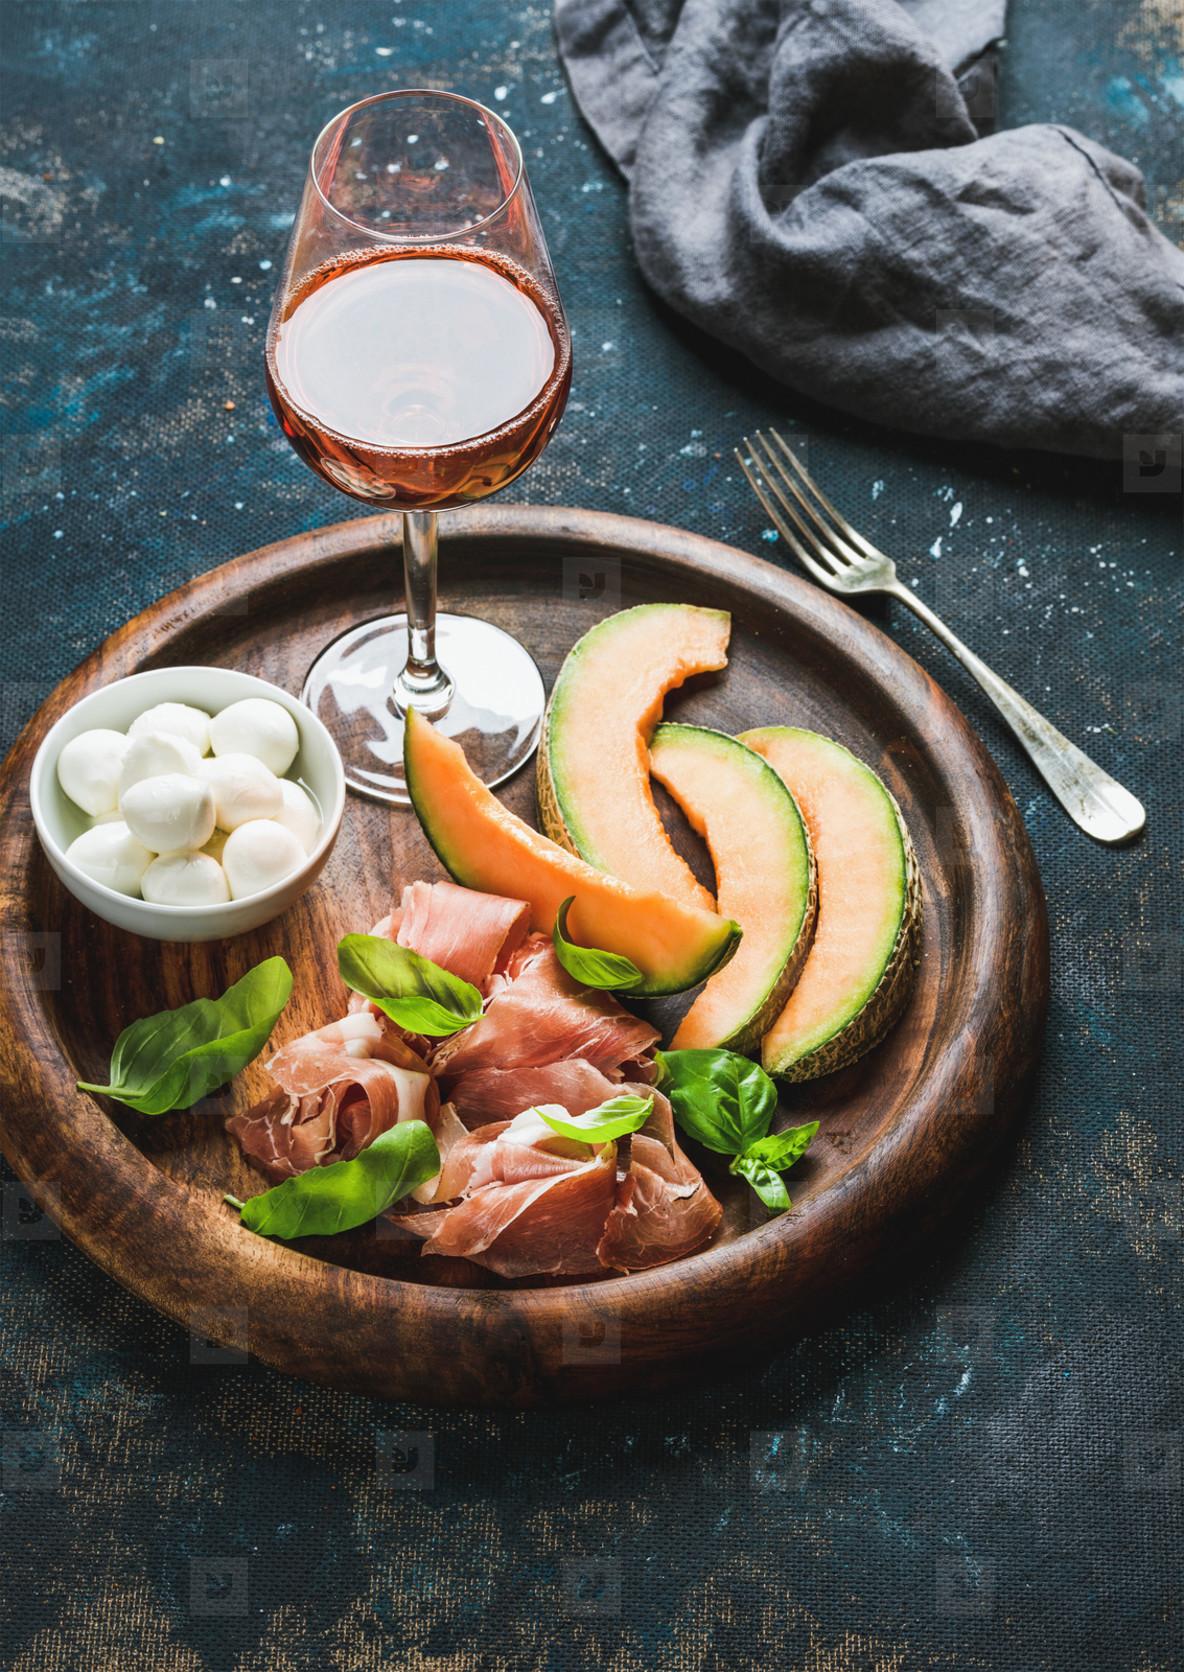 Prosciutto  cantaloupe melon  mozzarella cheese and glass of rose